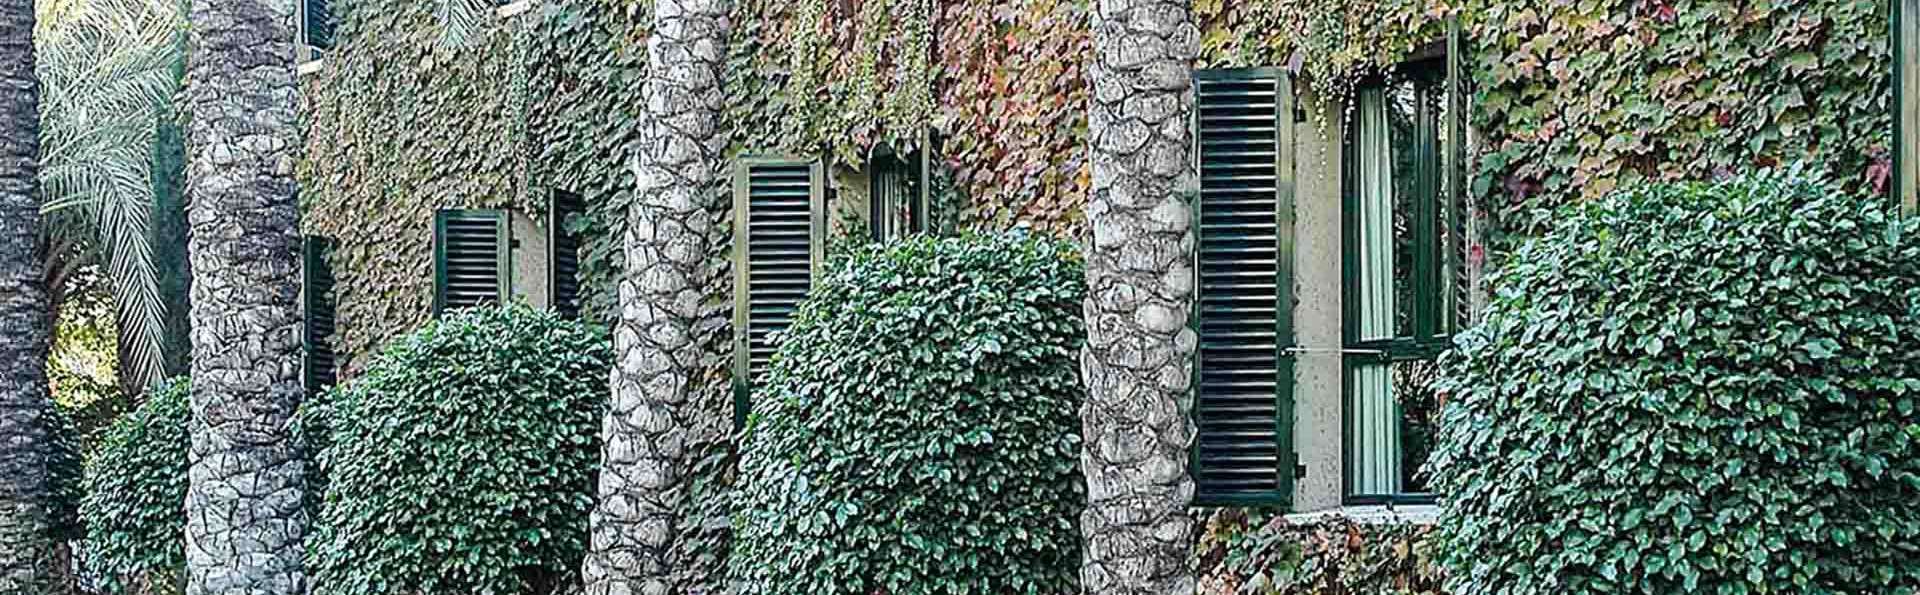 Jardín Milenio - EDIT_FACHADA_HJM_EDIFICIO_VERDE_01.JPG